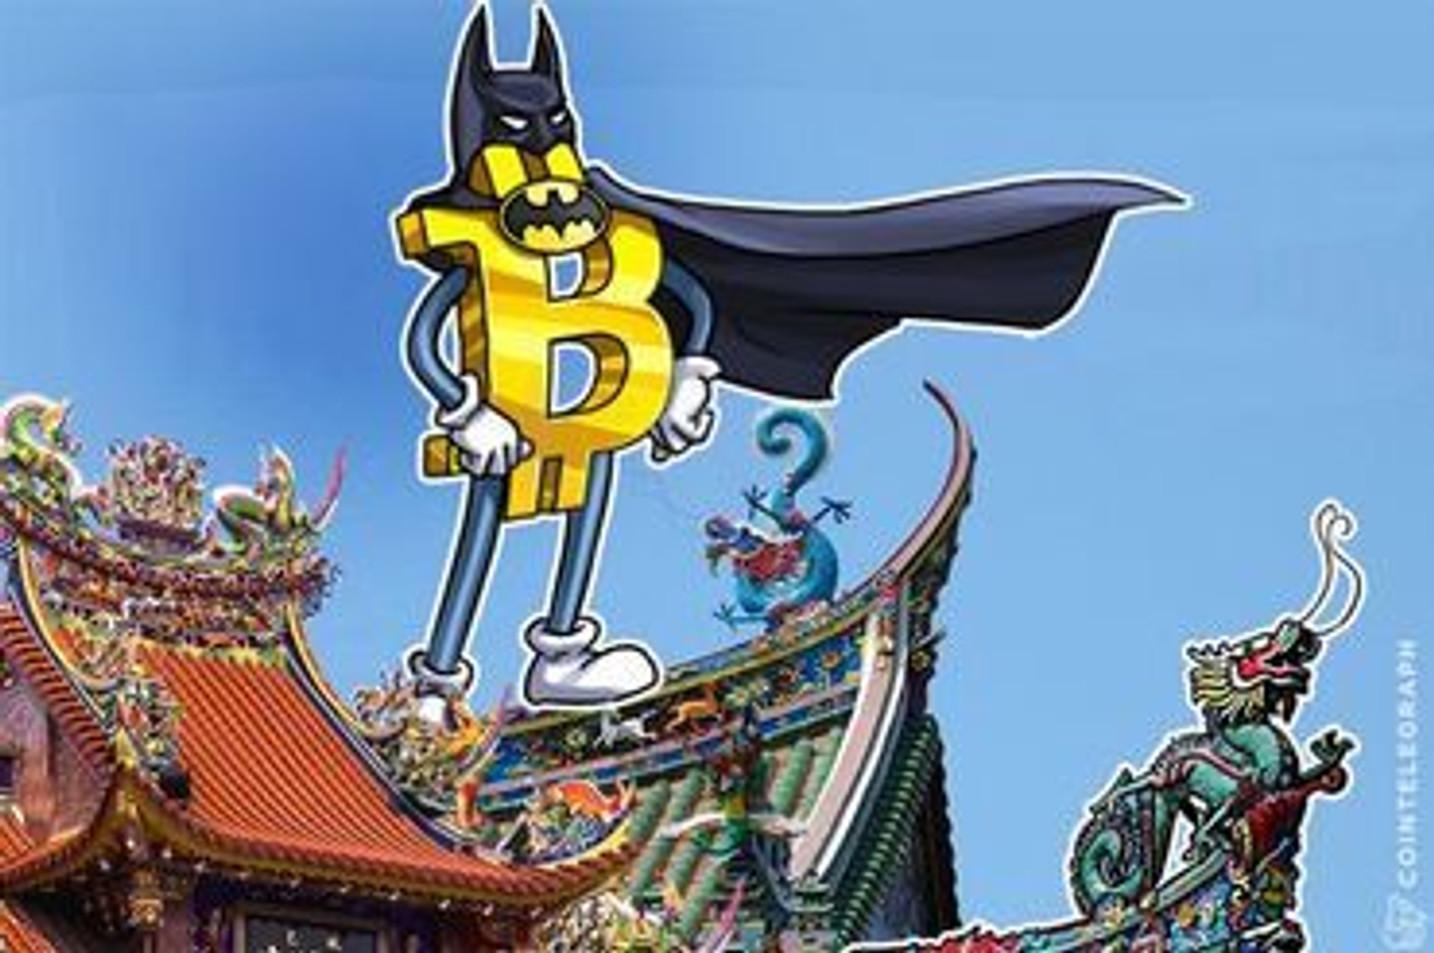 Pronto para subir: Analista aponta que o Bitcoin já combateu os ursos e agora deve iniciar nova trajetória de alta